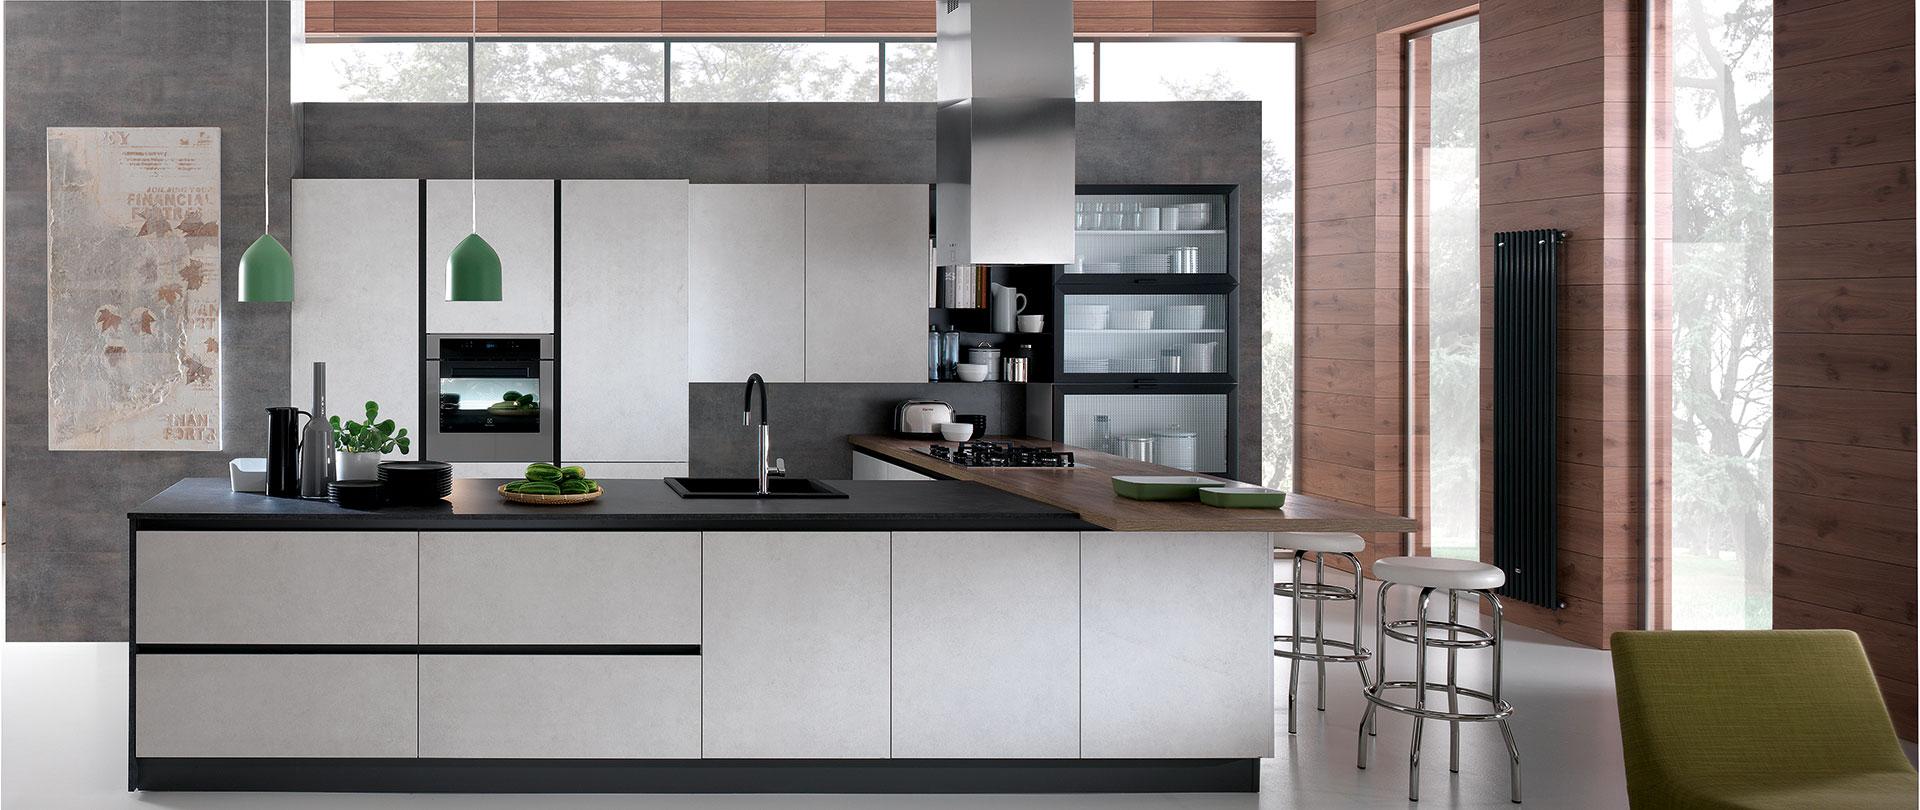 evo-cucina-agora-ghiaccio-cemento